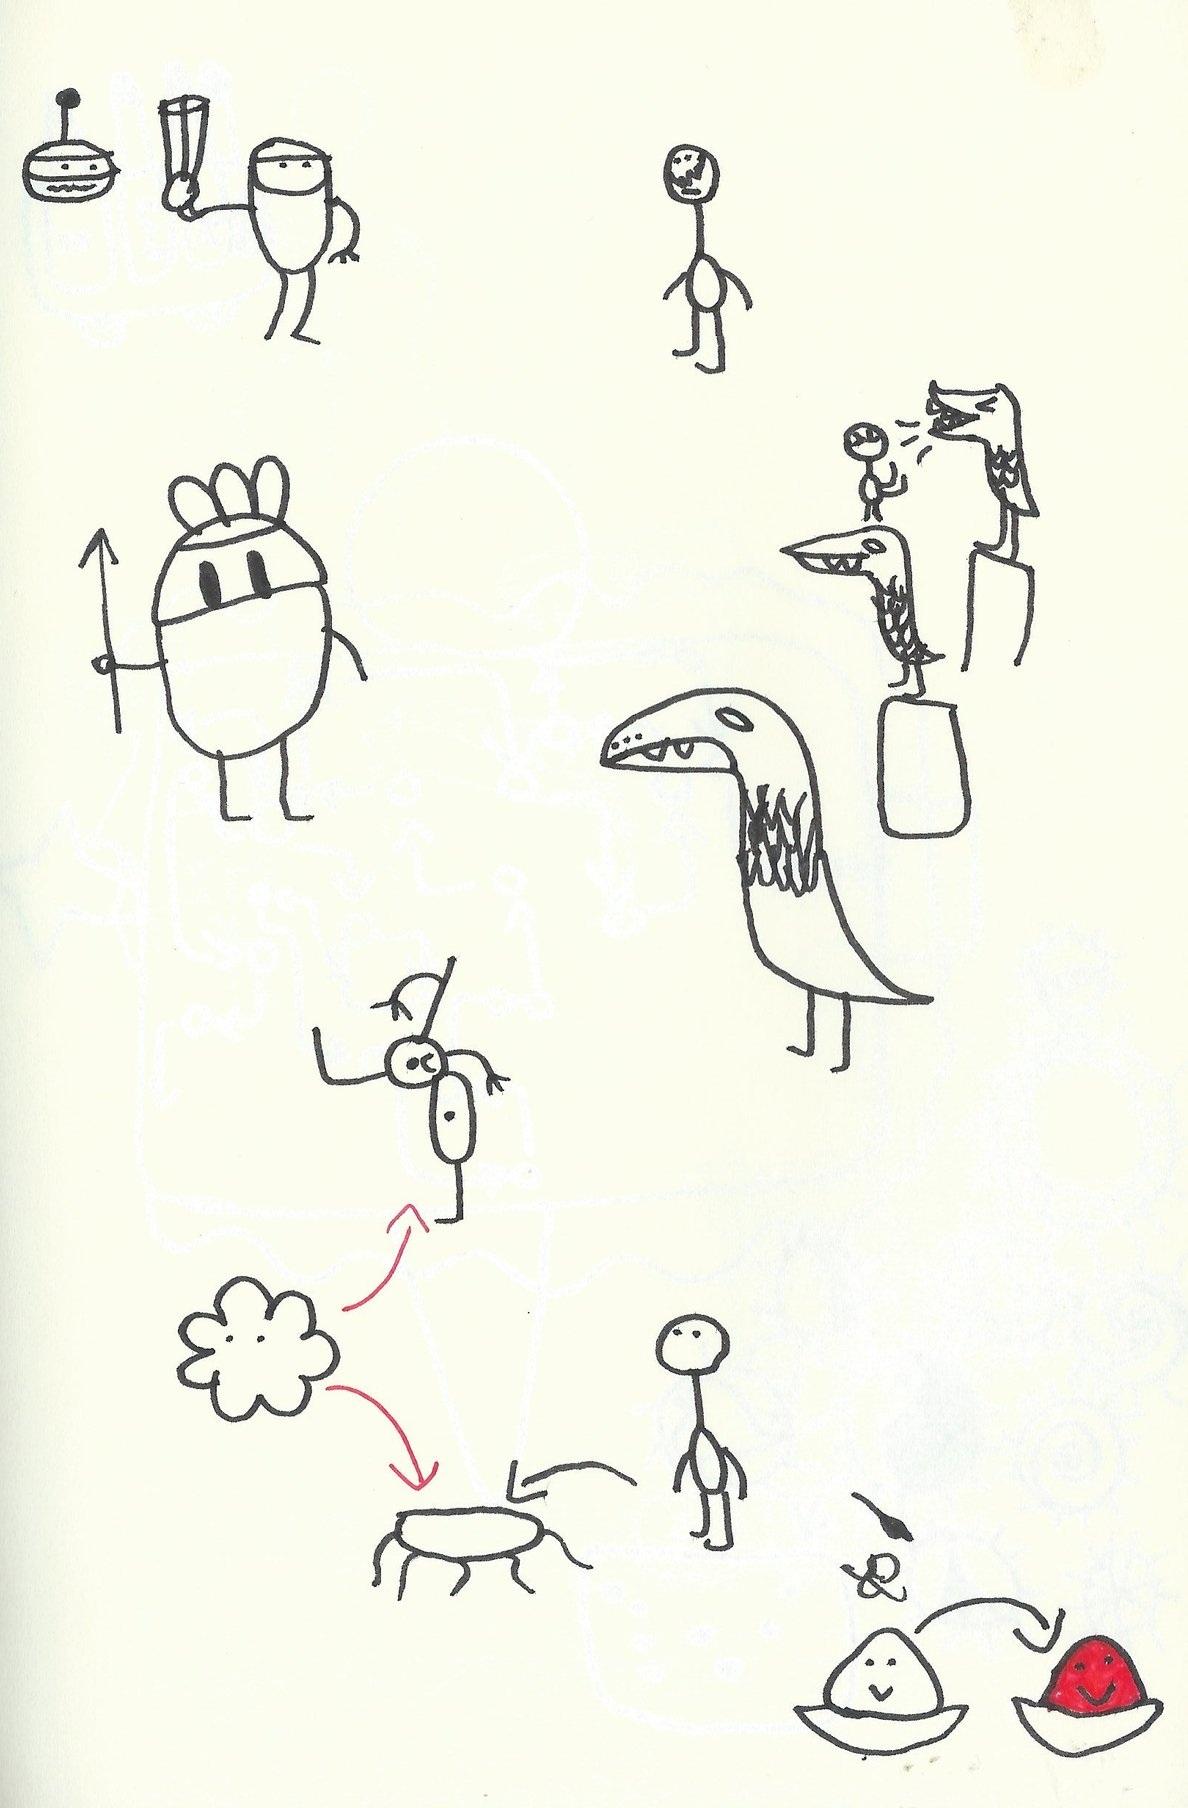 Character-design-4.JPG